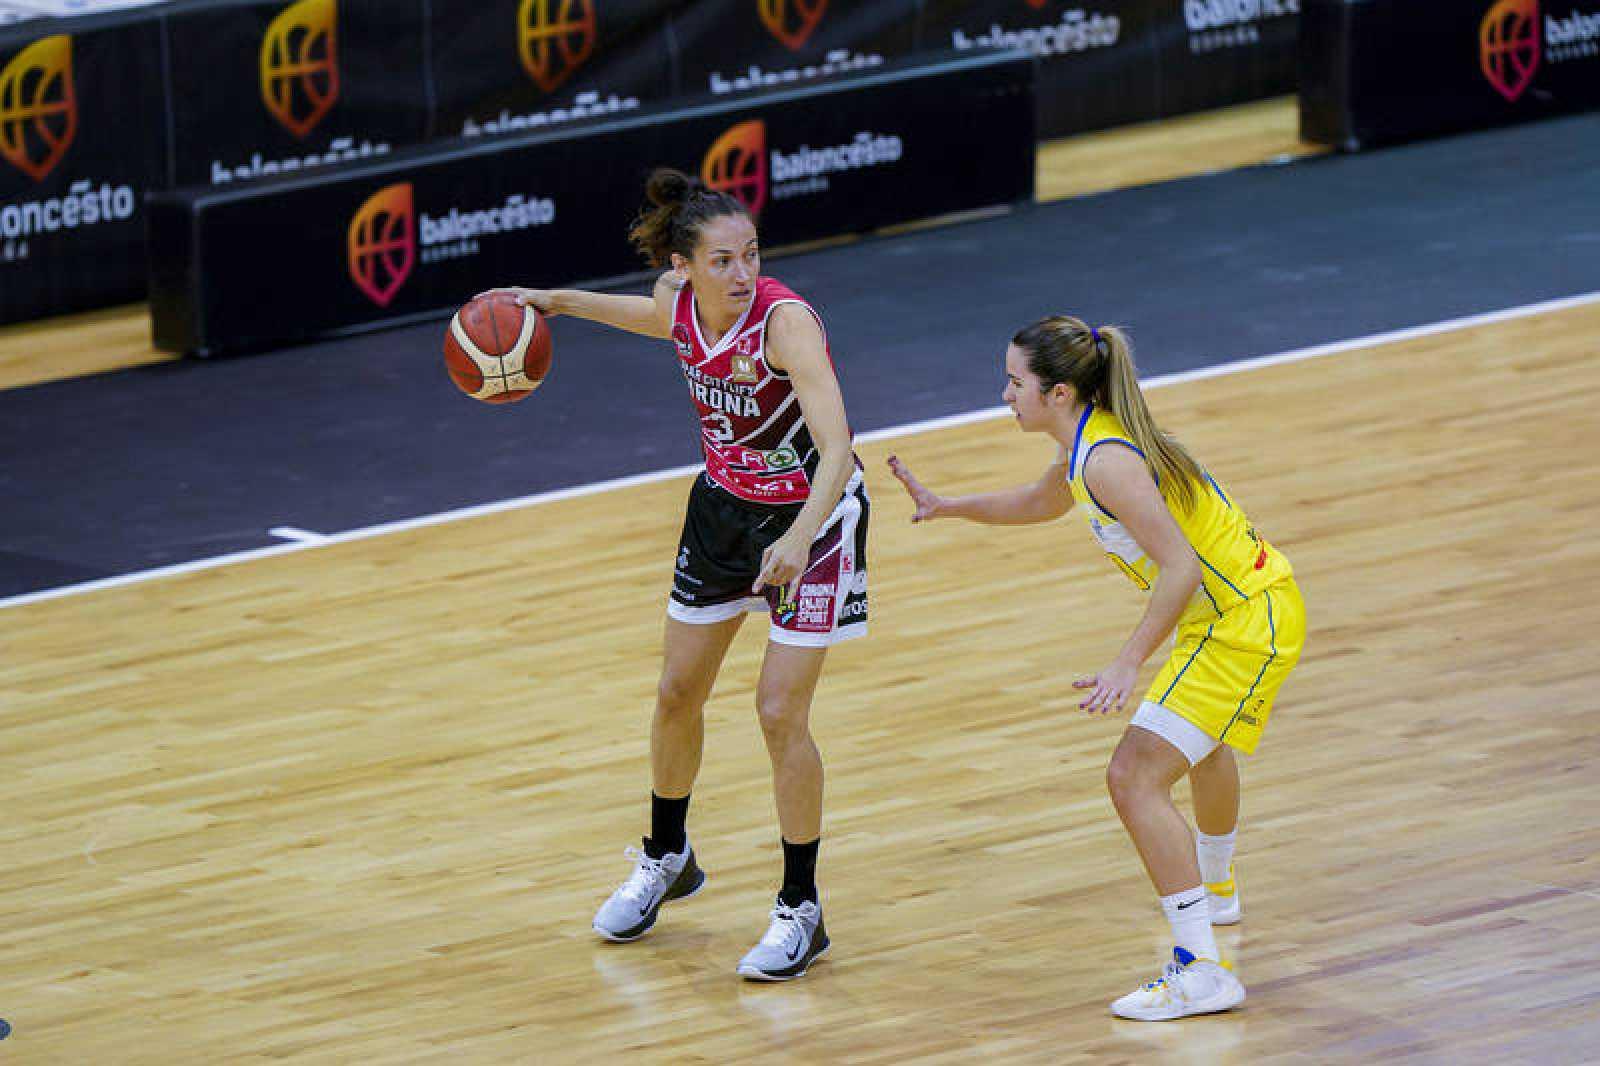 Laia Palau bota el balón en el partido ante La Seu